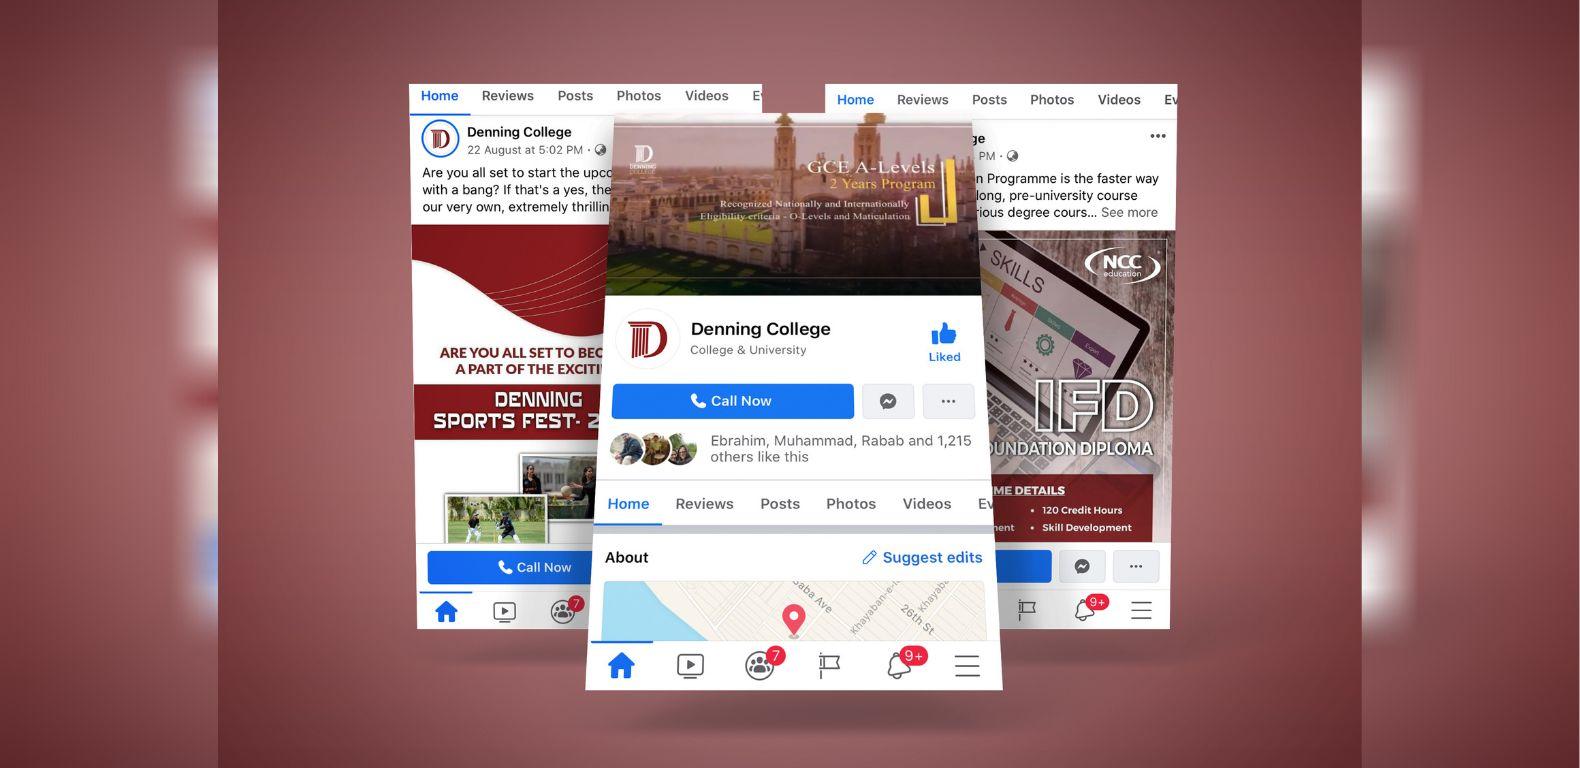 Social-media-marketing-denning-college-Facebook